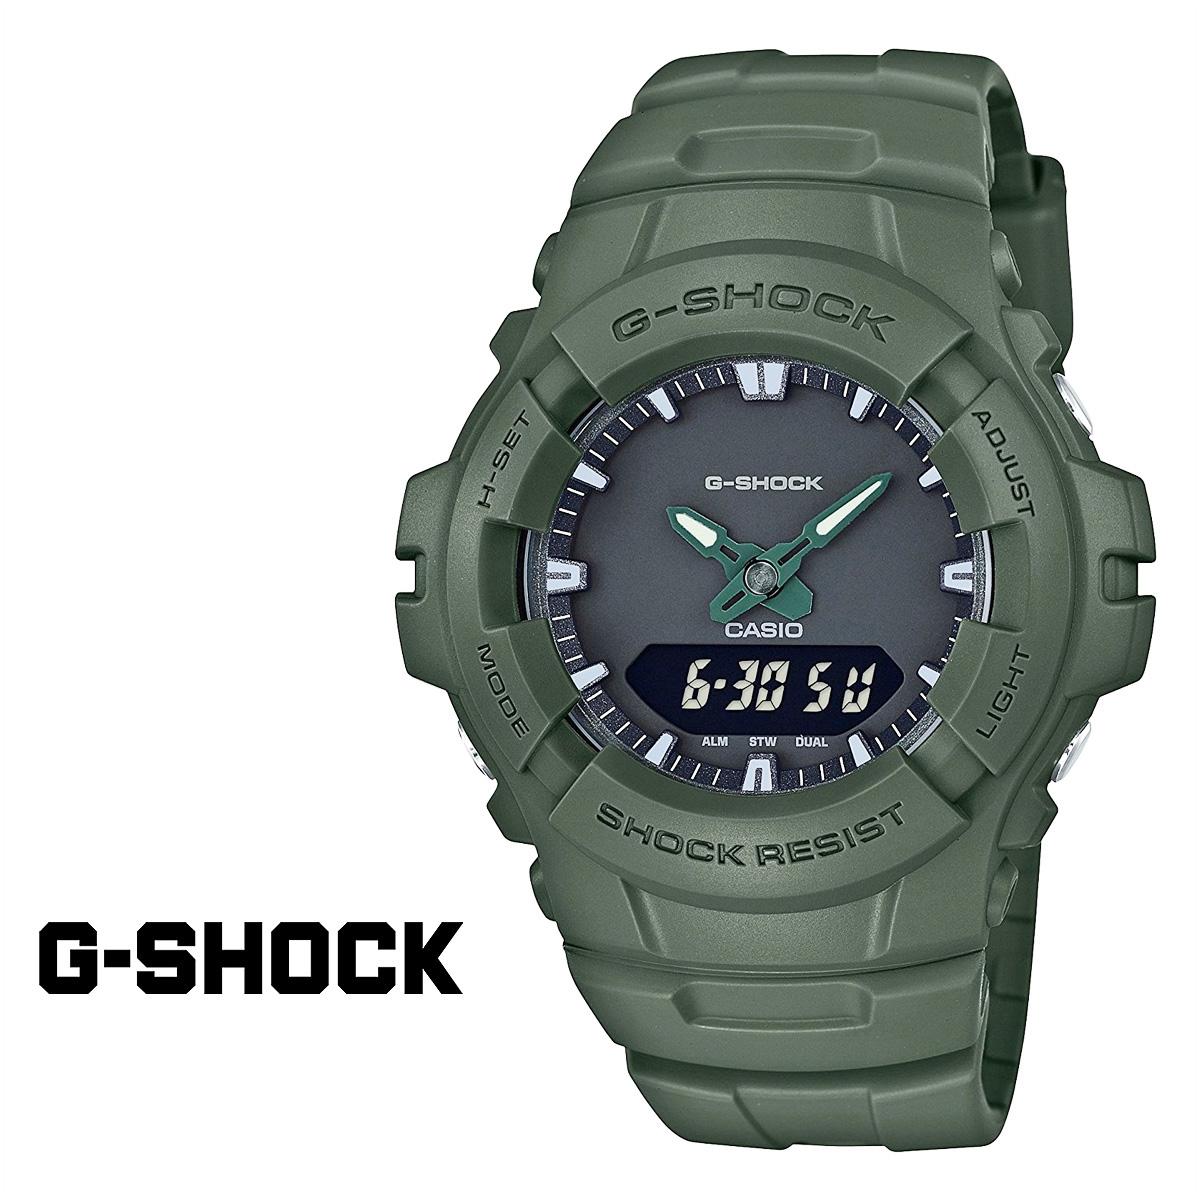 【最大2000円OFFクーポン】 カシオ CASIO G-SHOCK 腕時計 グリーン G-100CU-3AJF ジーショック Gショック G-ショック メンズ レディース 時計 カーキ